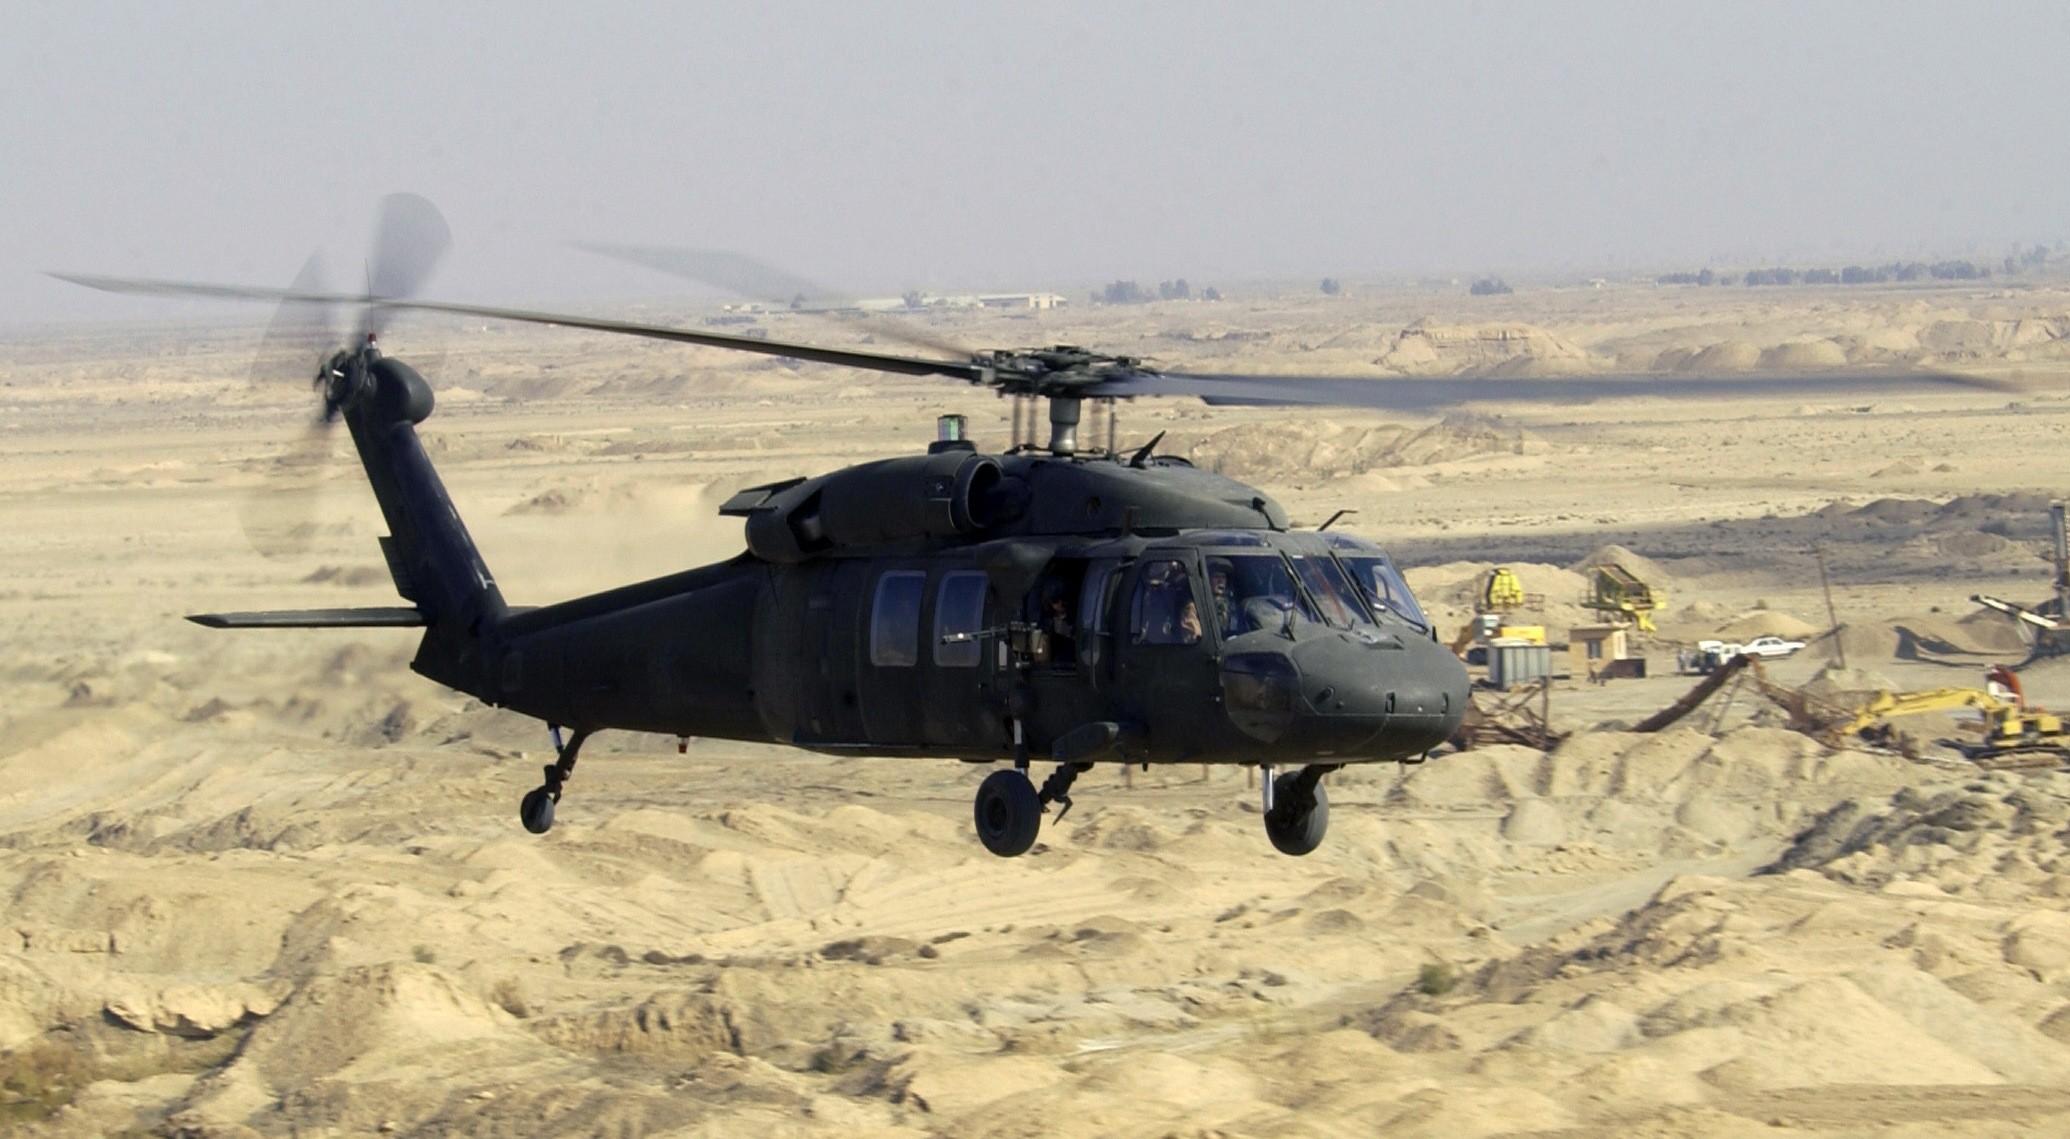 ВЯпонии разбился американский военный вертолет